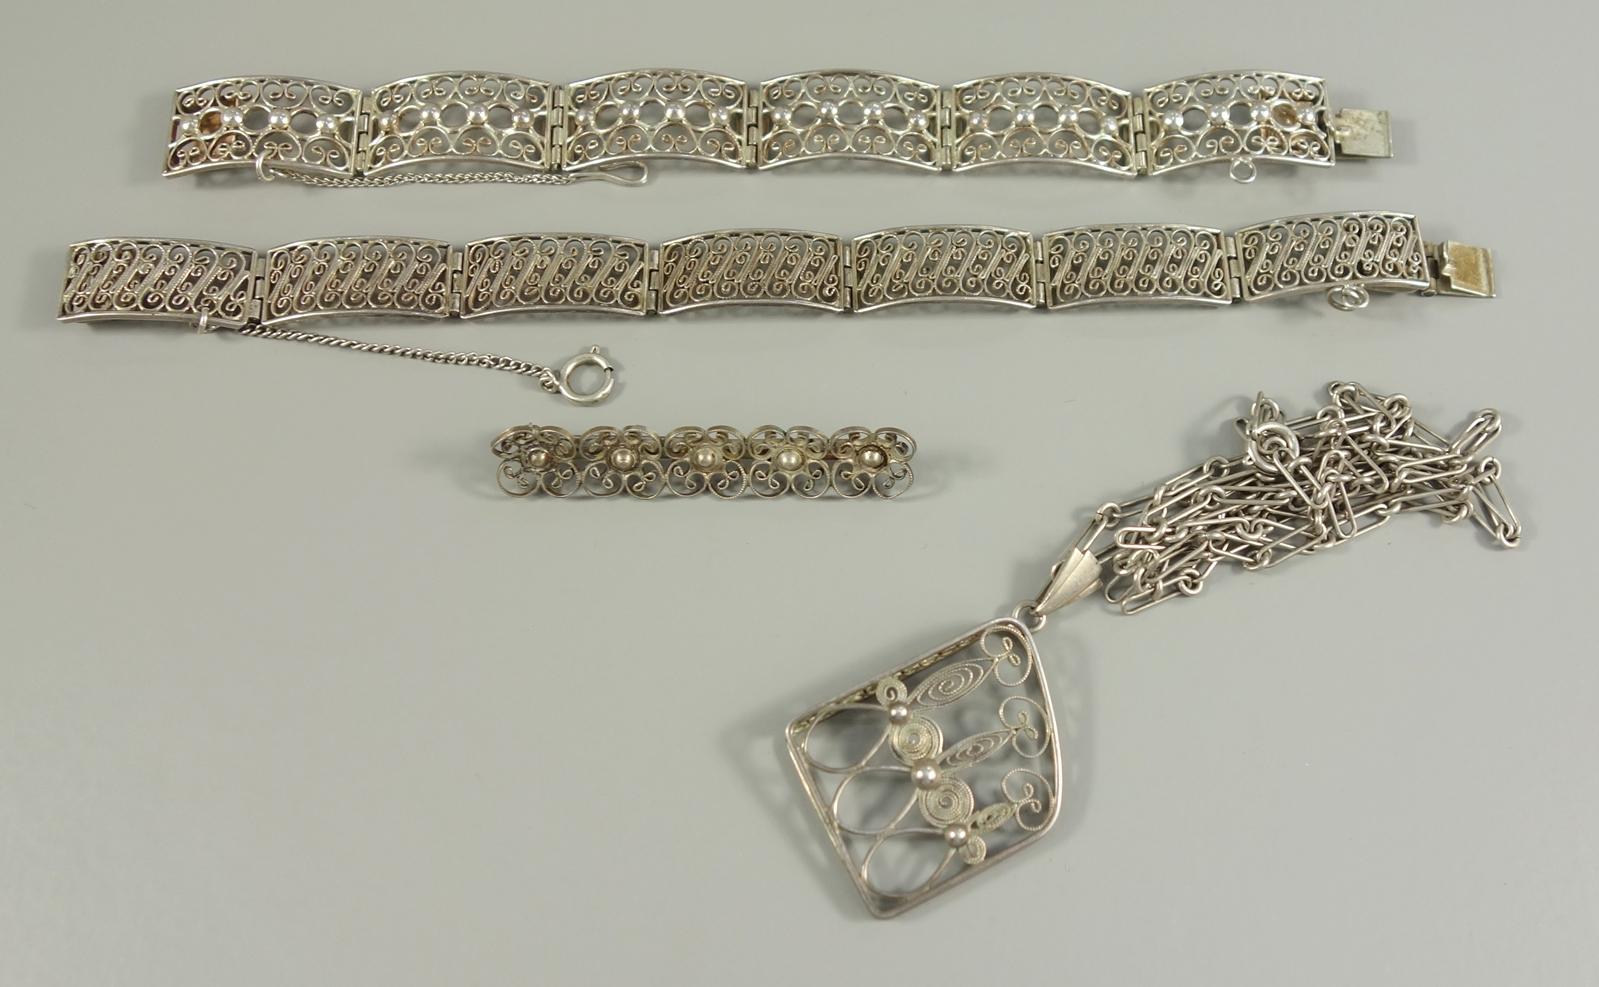 4* Filigranschmuck, 835er Silber, Gew.33,28g: 2 Armbänder, Steckschloss mit Sicherheitskettchen, L.